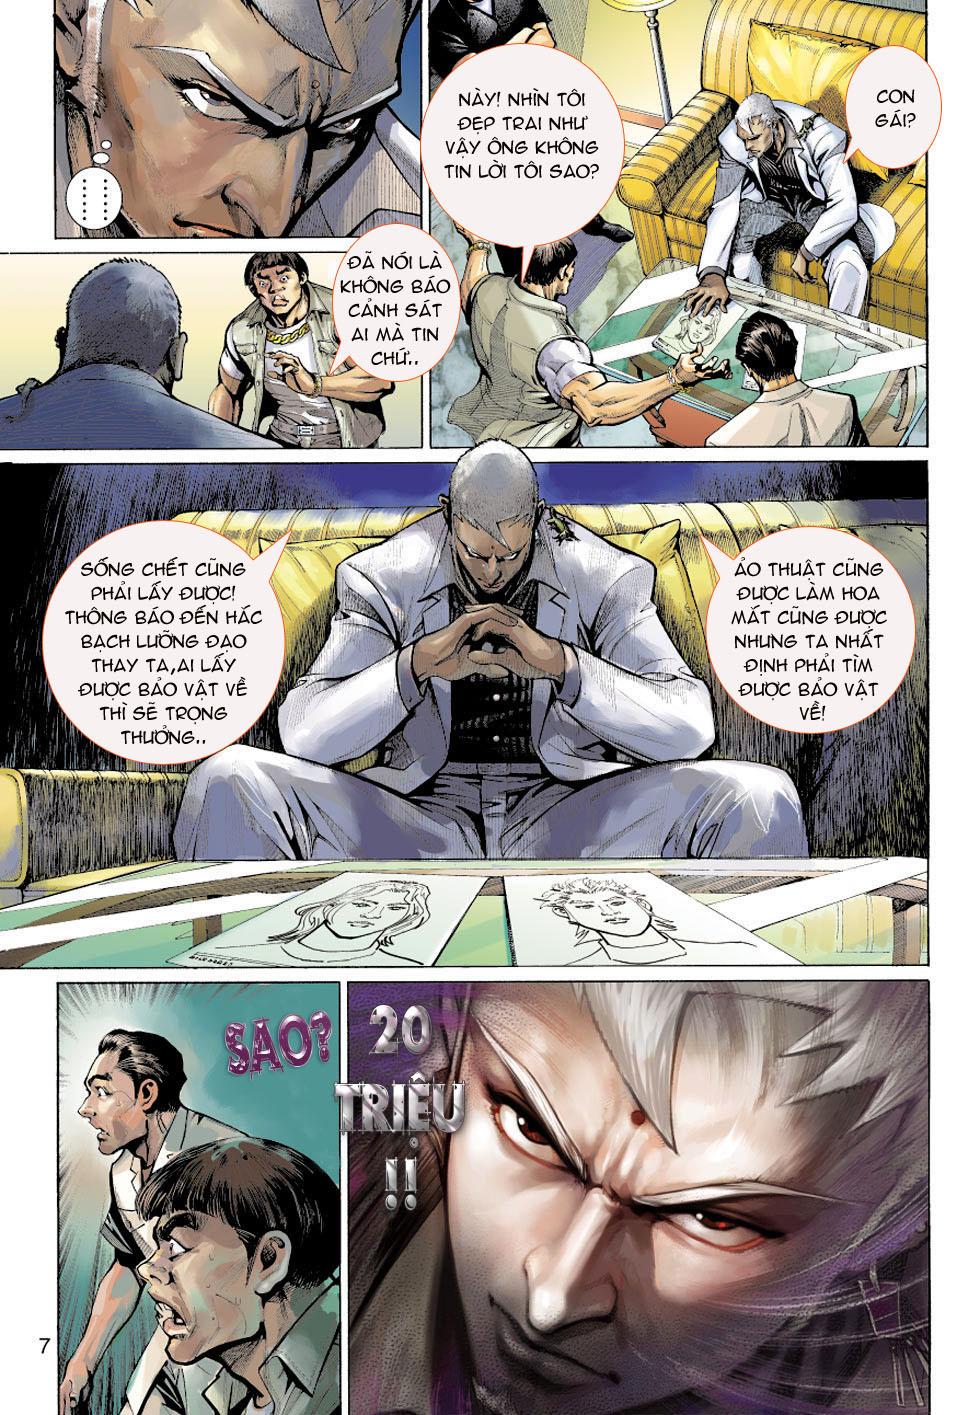 Thần Binh 4 chap 5 - Trang 7